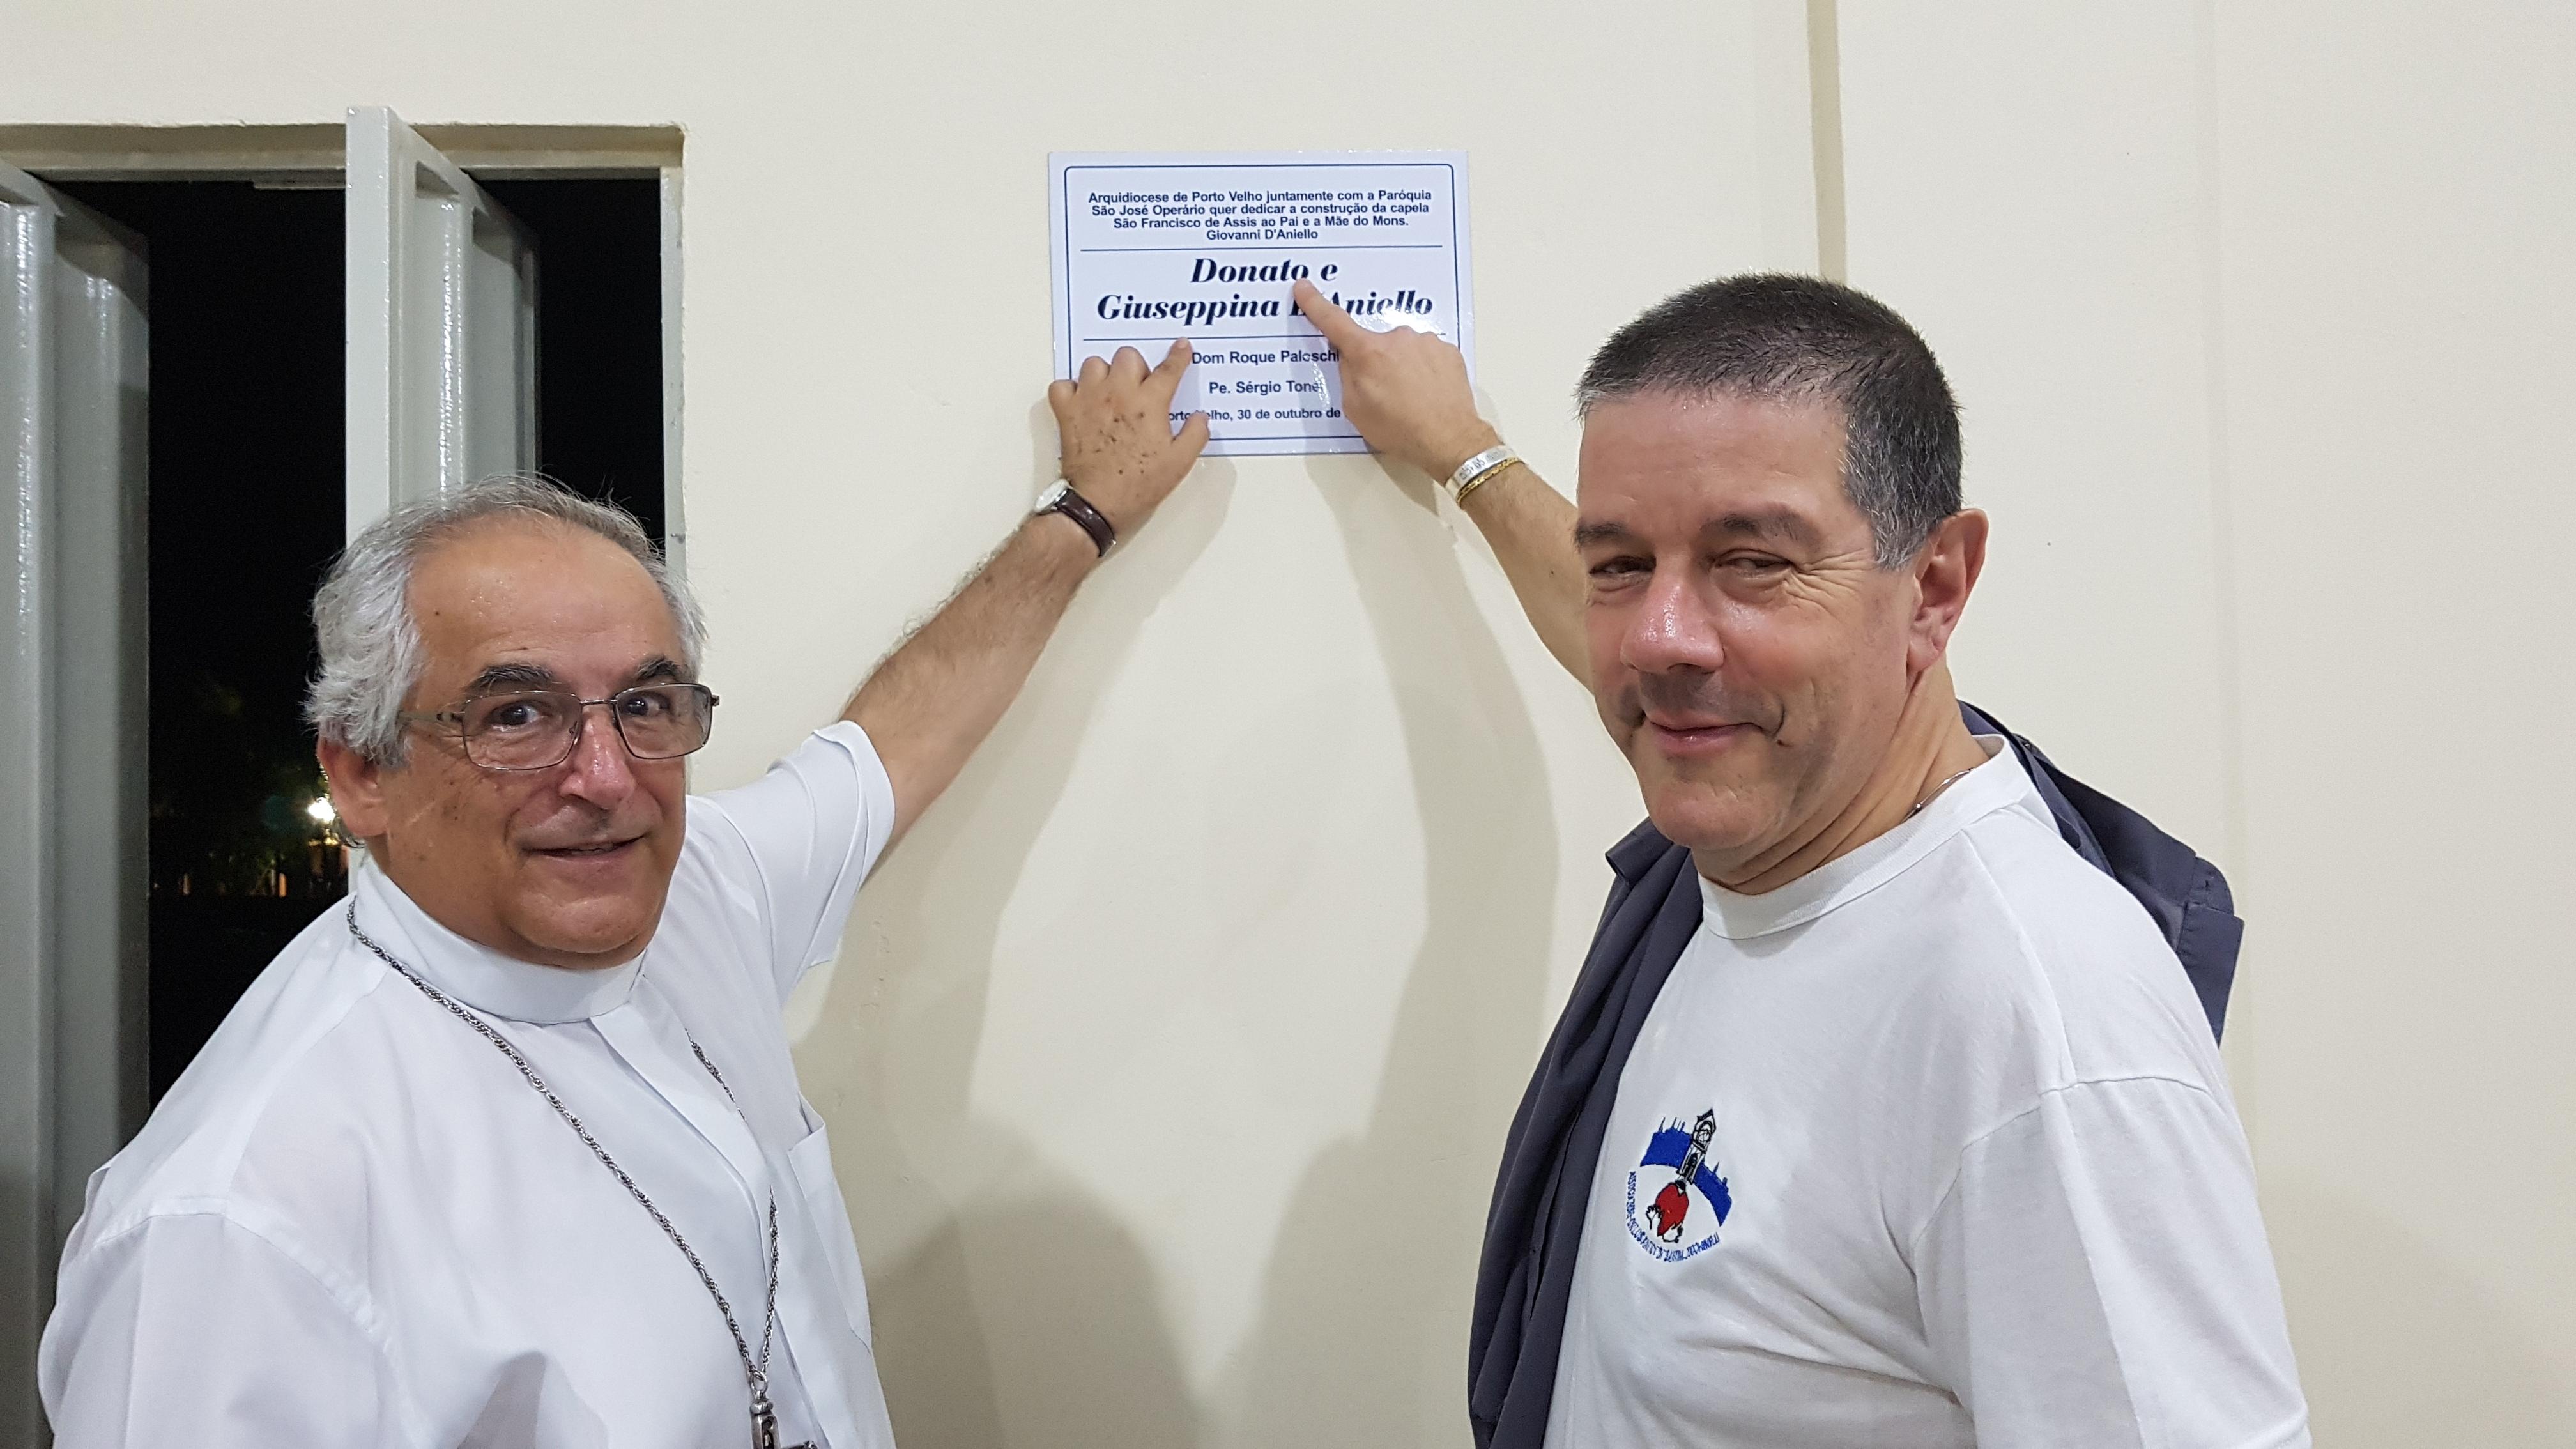 Brasile 26 ottobre – 5 novembre 2018 33mo viaggio di solidarietà